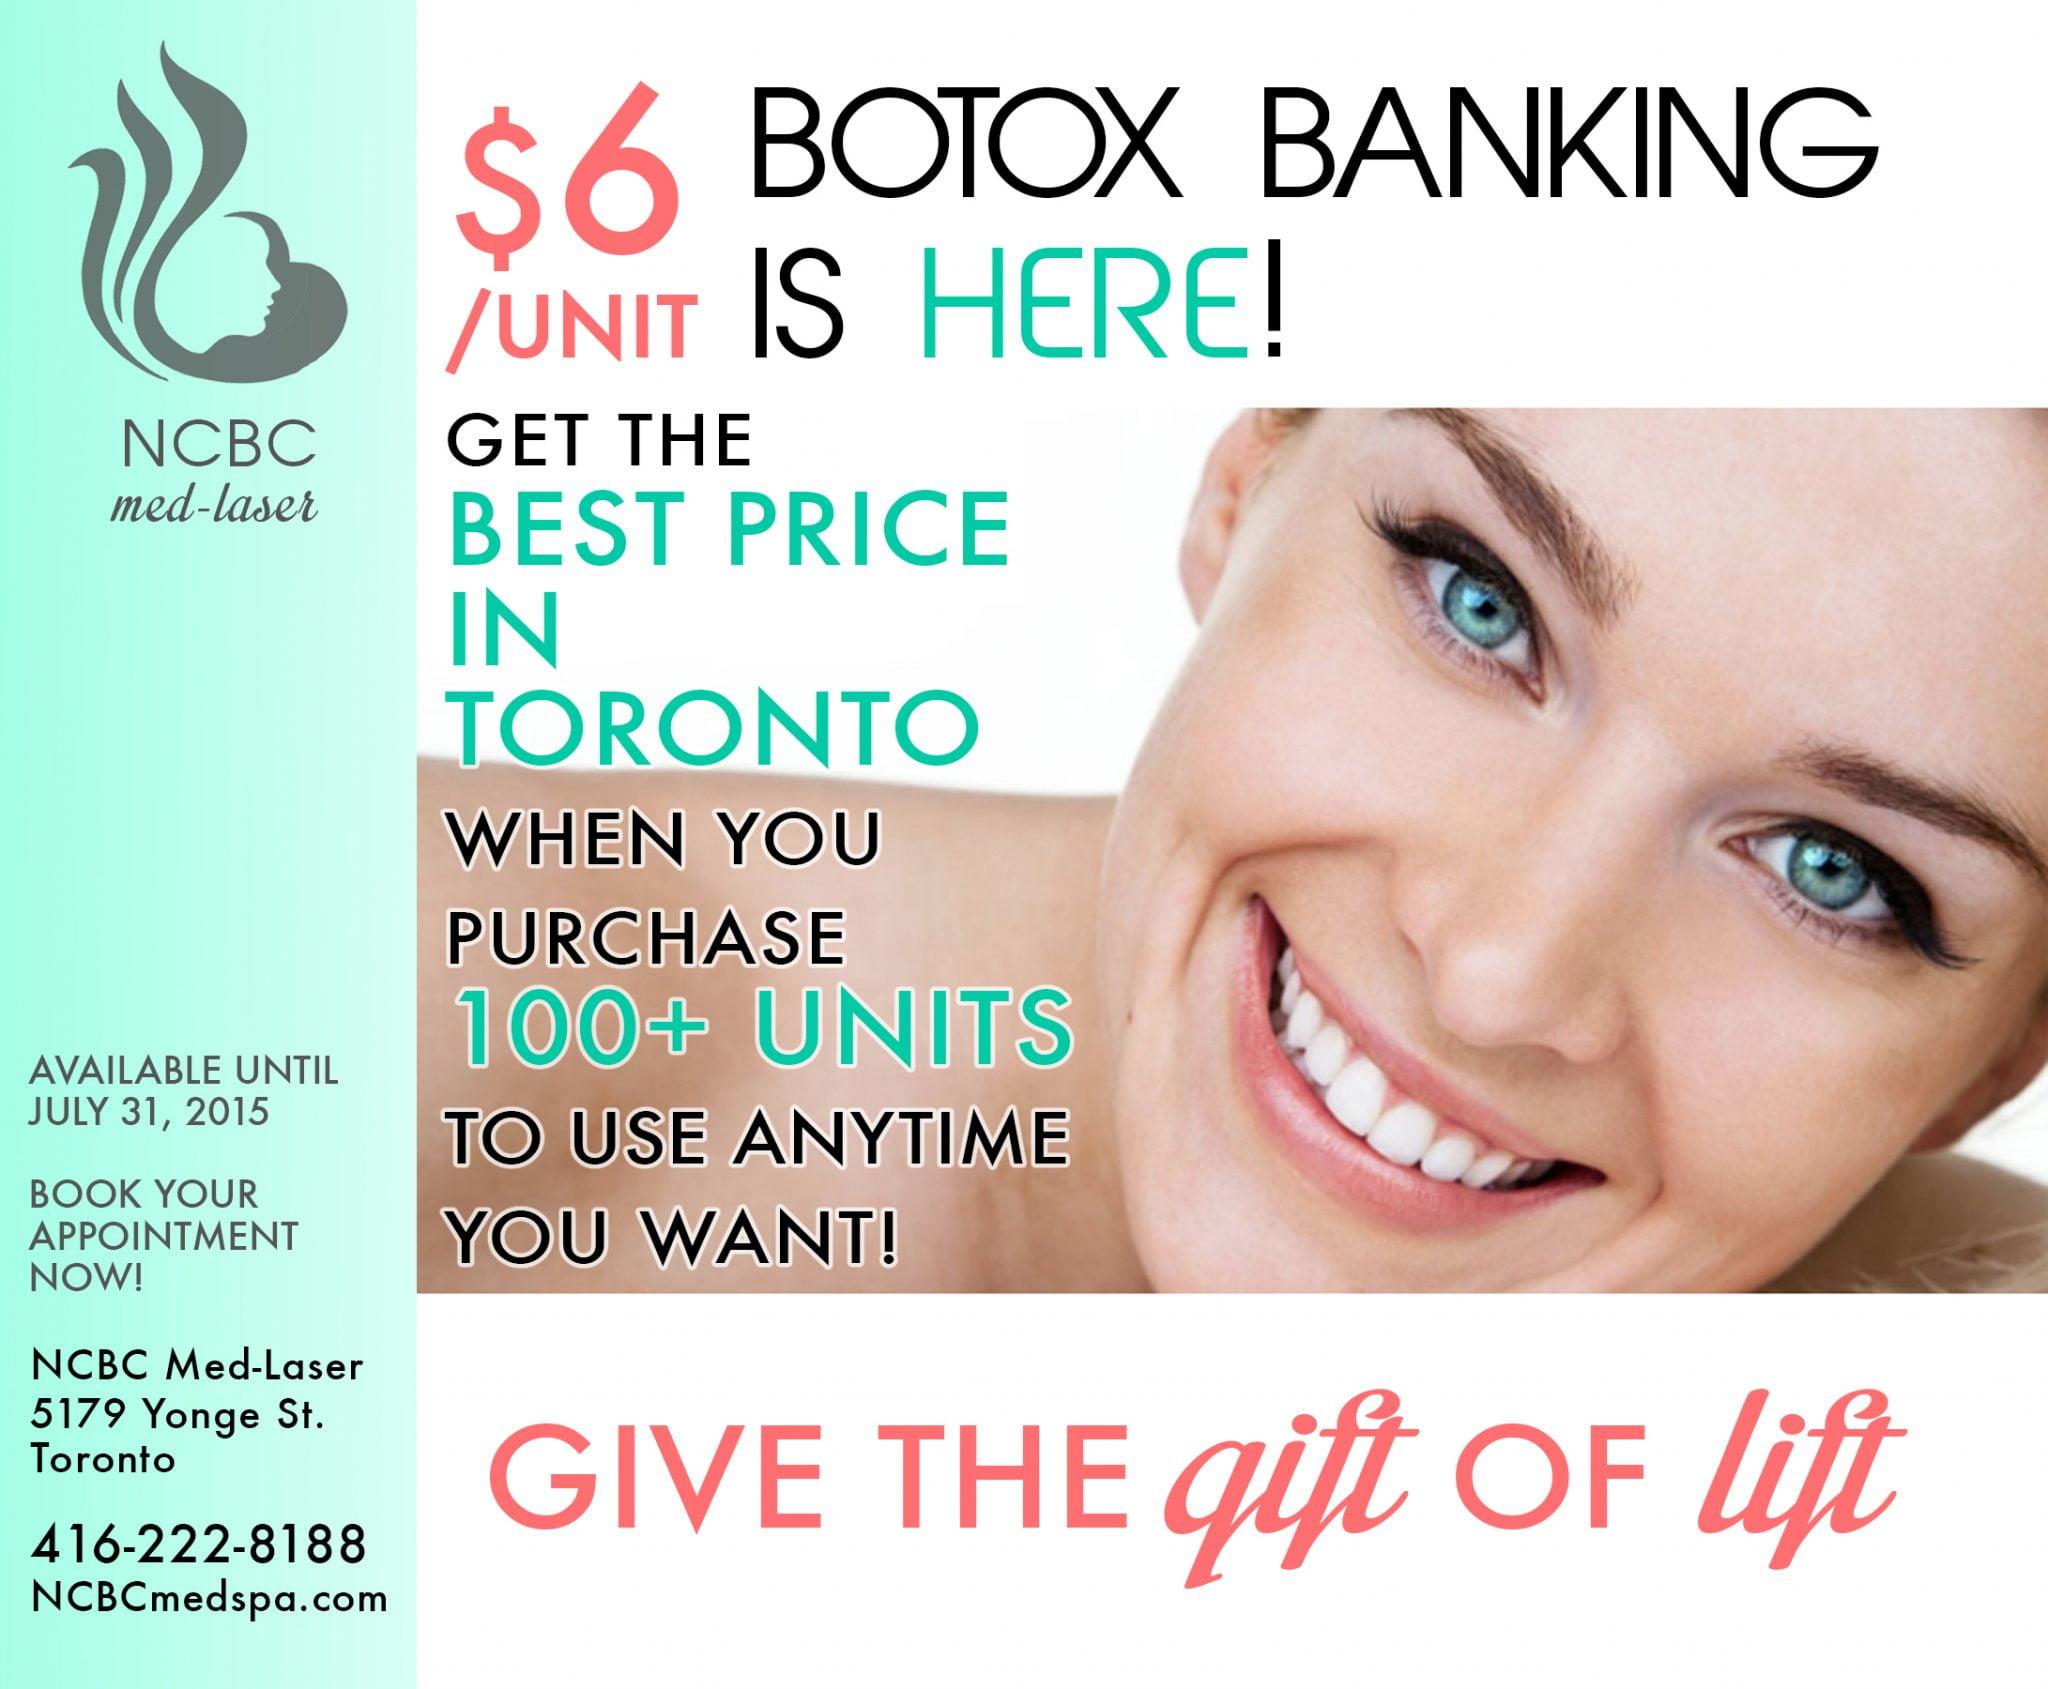 botox banking